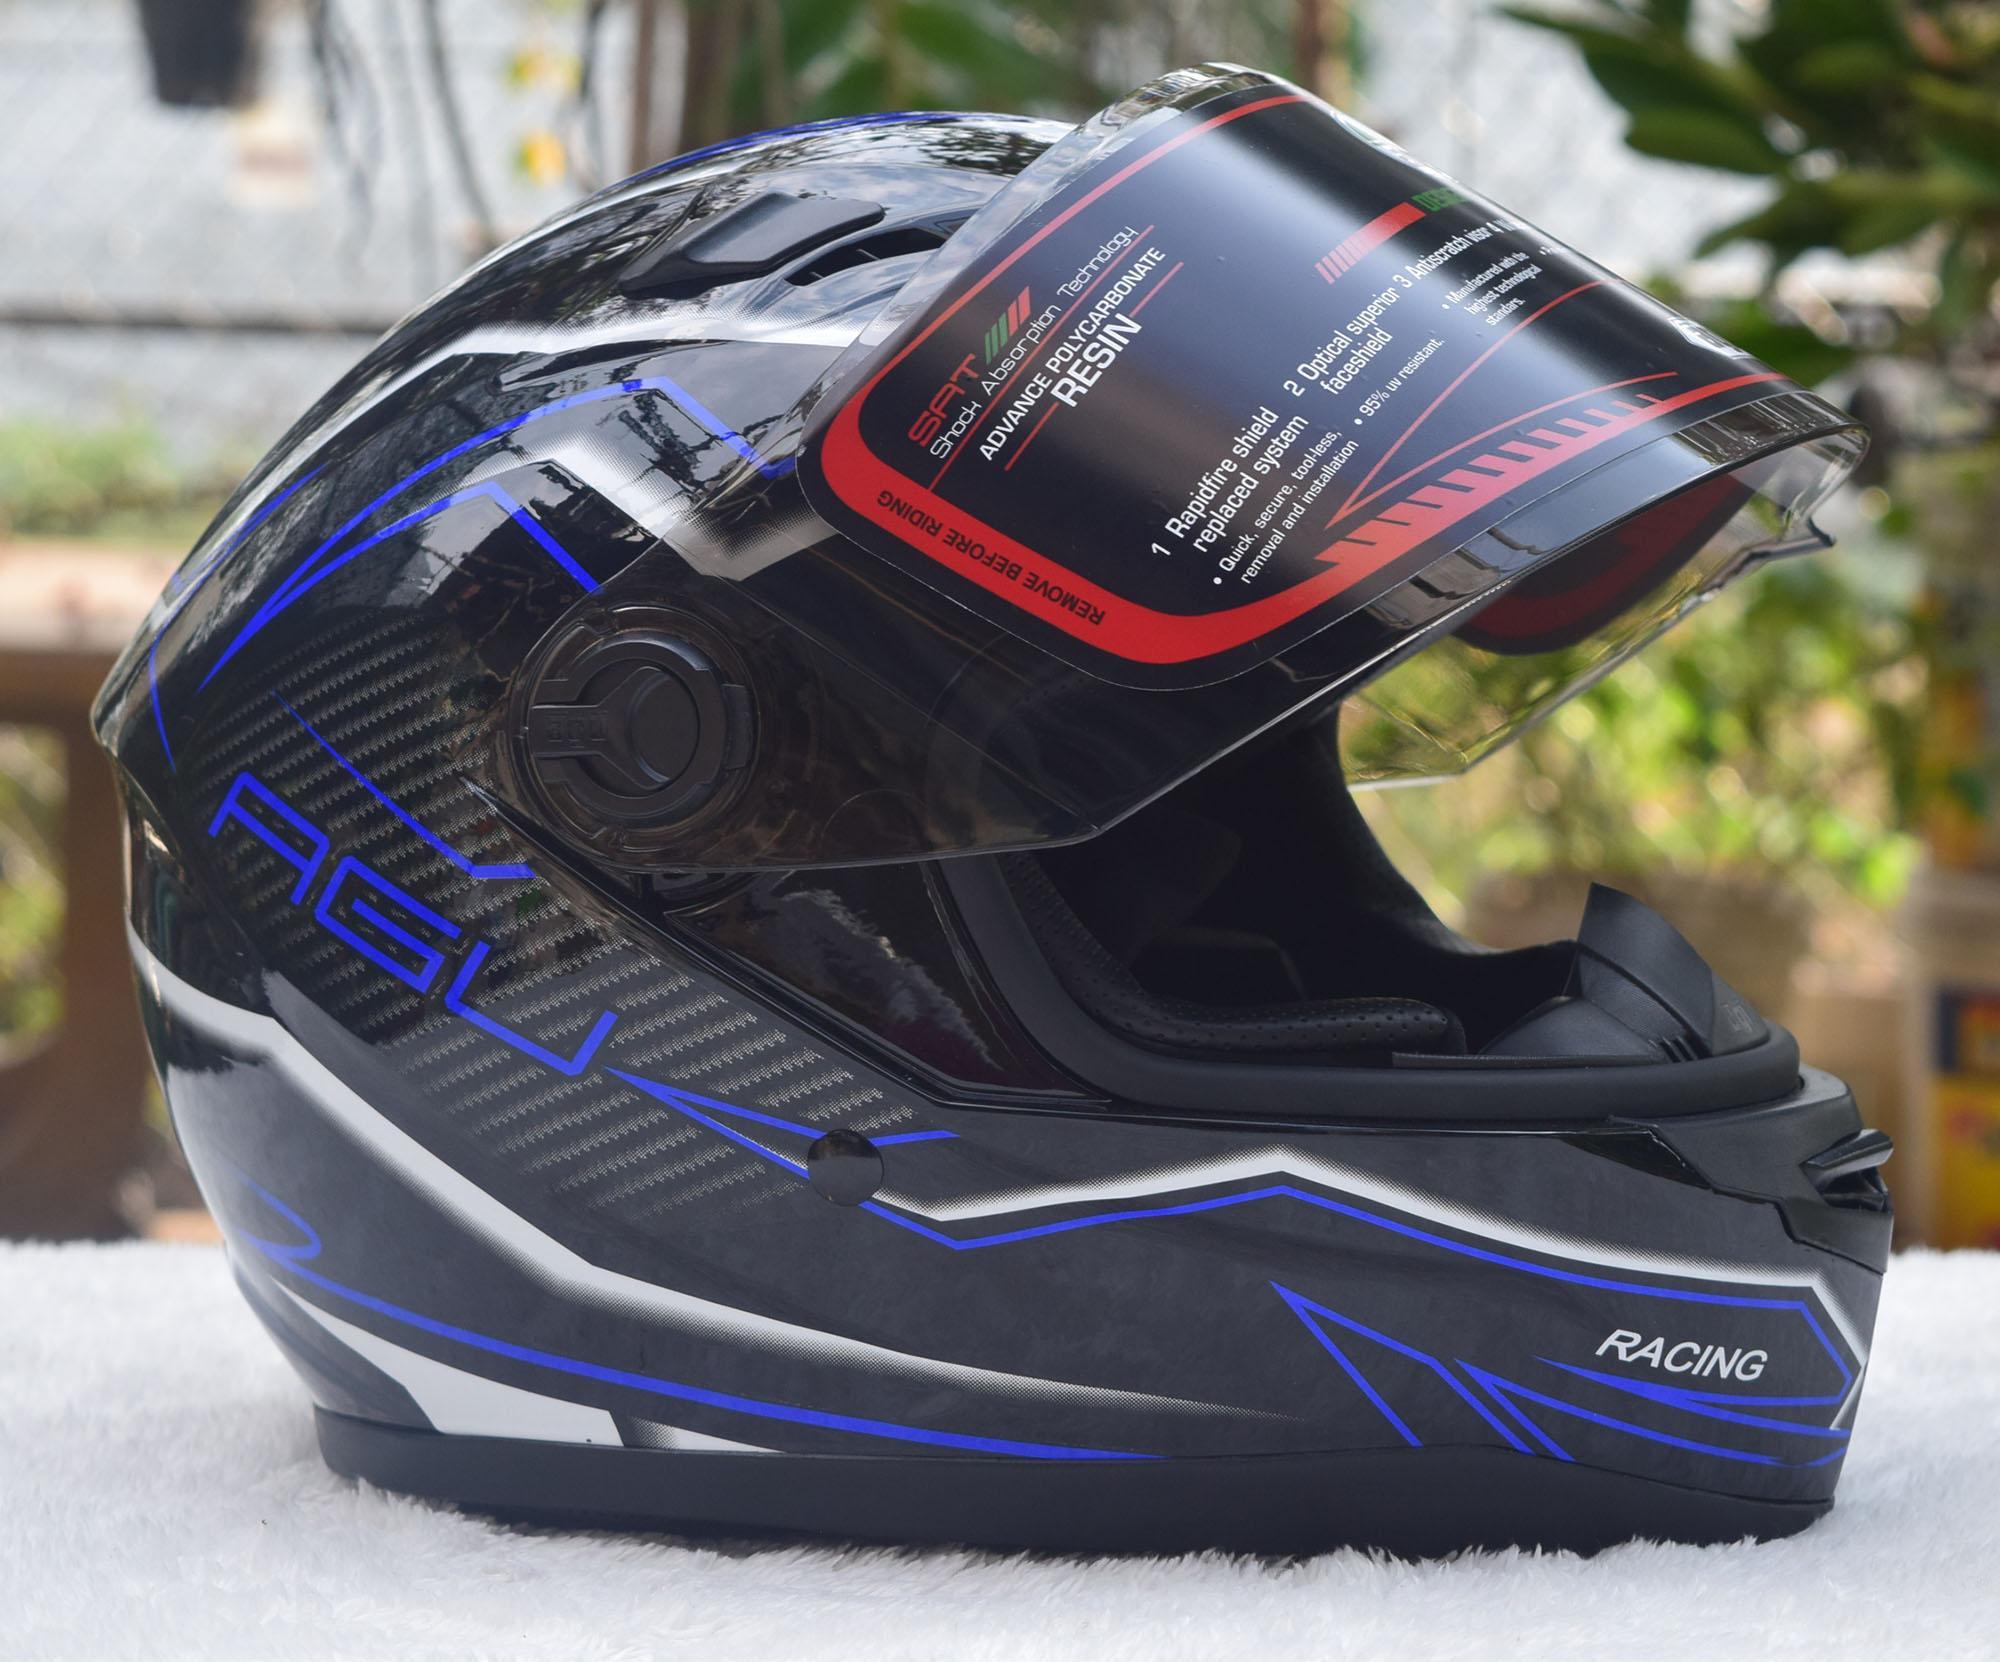 Mũ bảo hiểm fullface AGU họa tiết GT Air sọc xanh nước biển